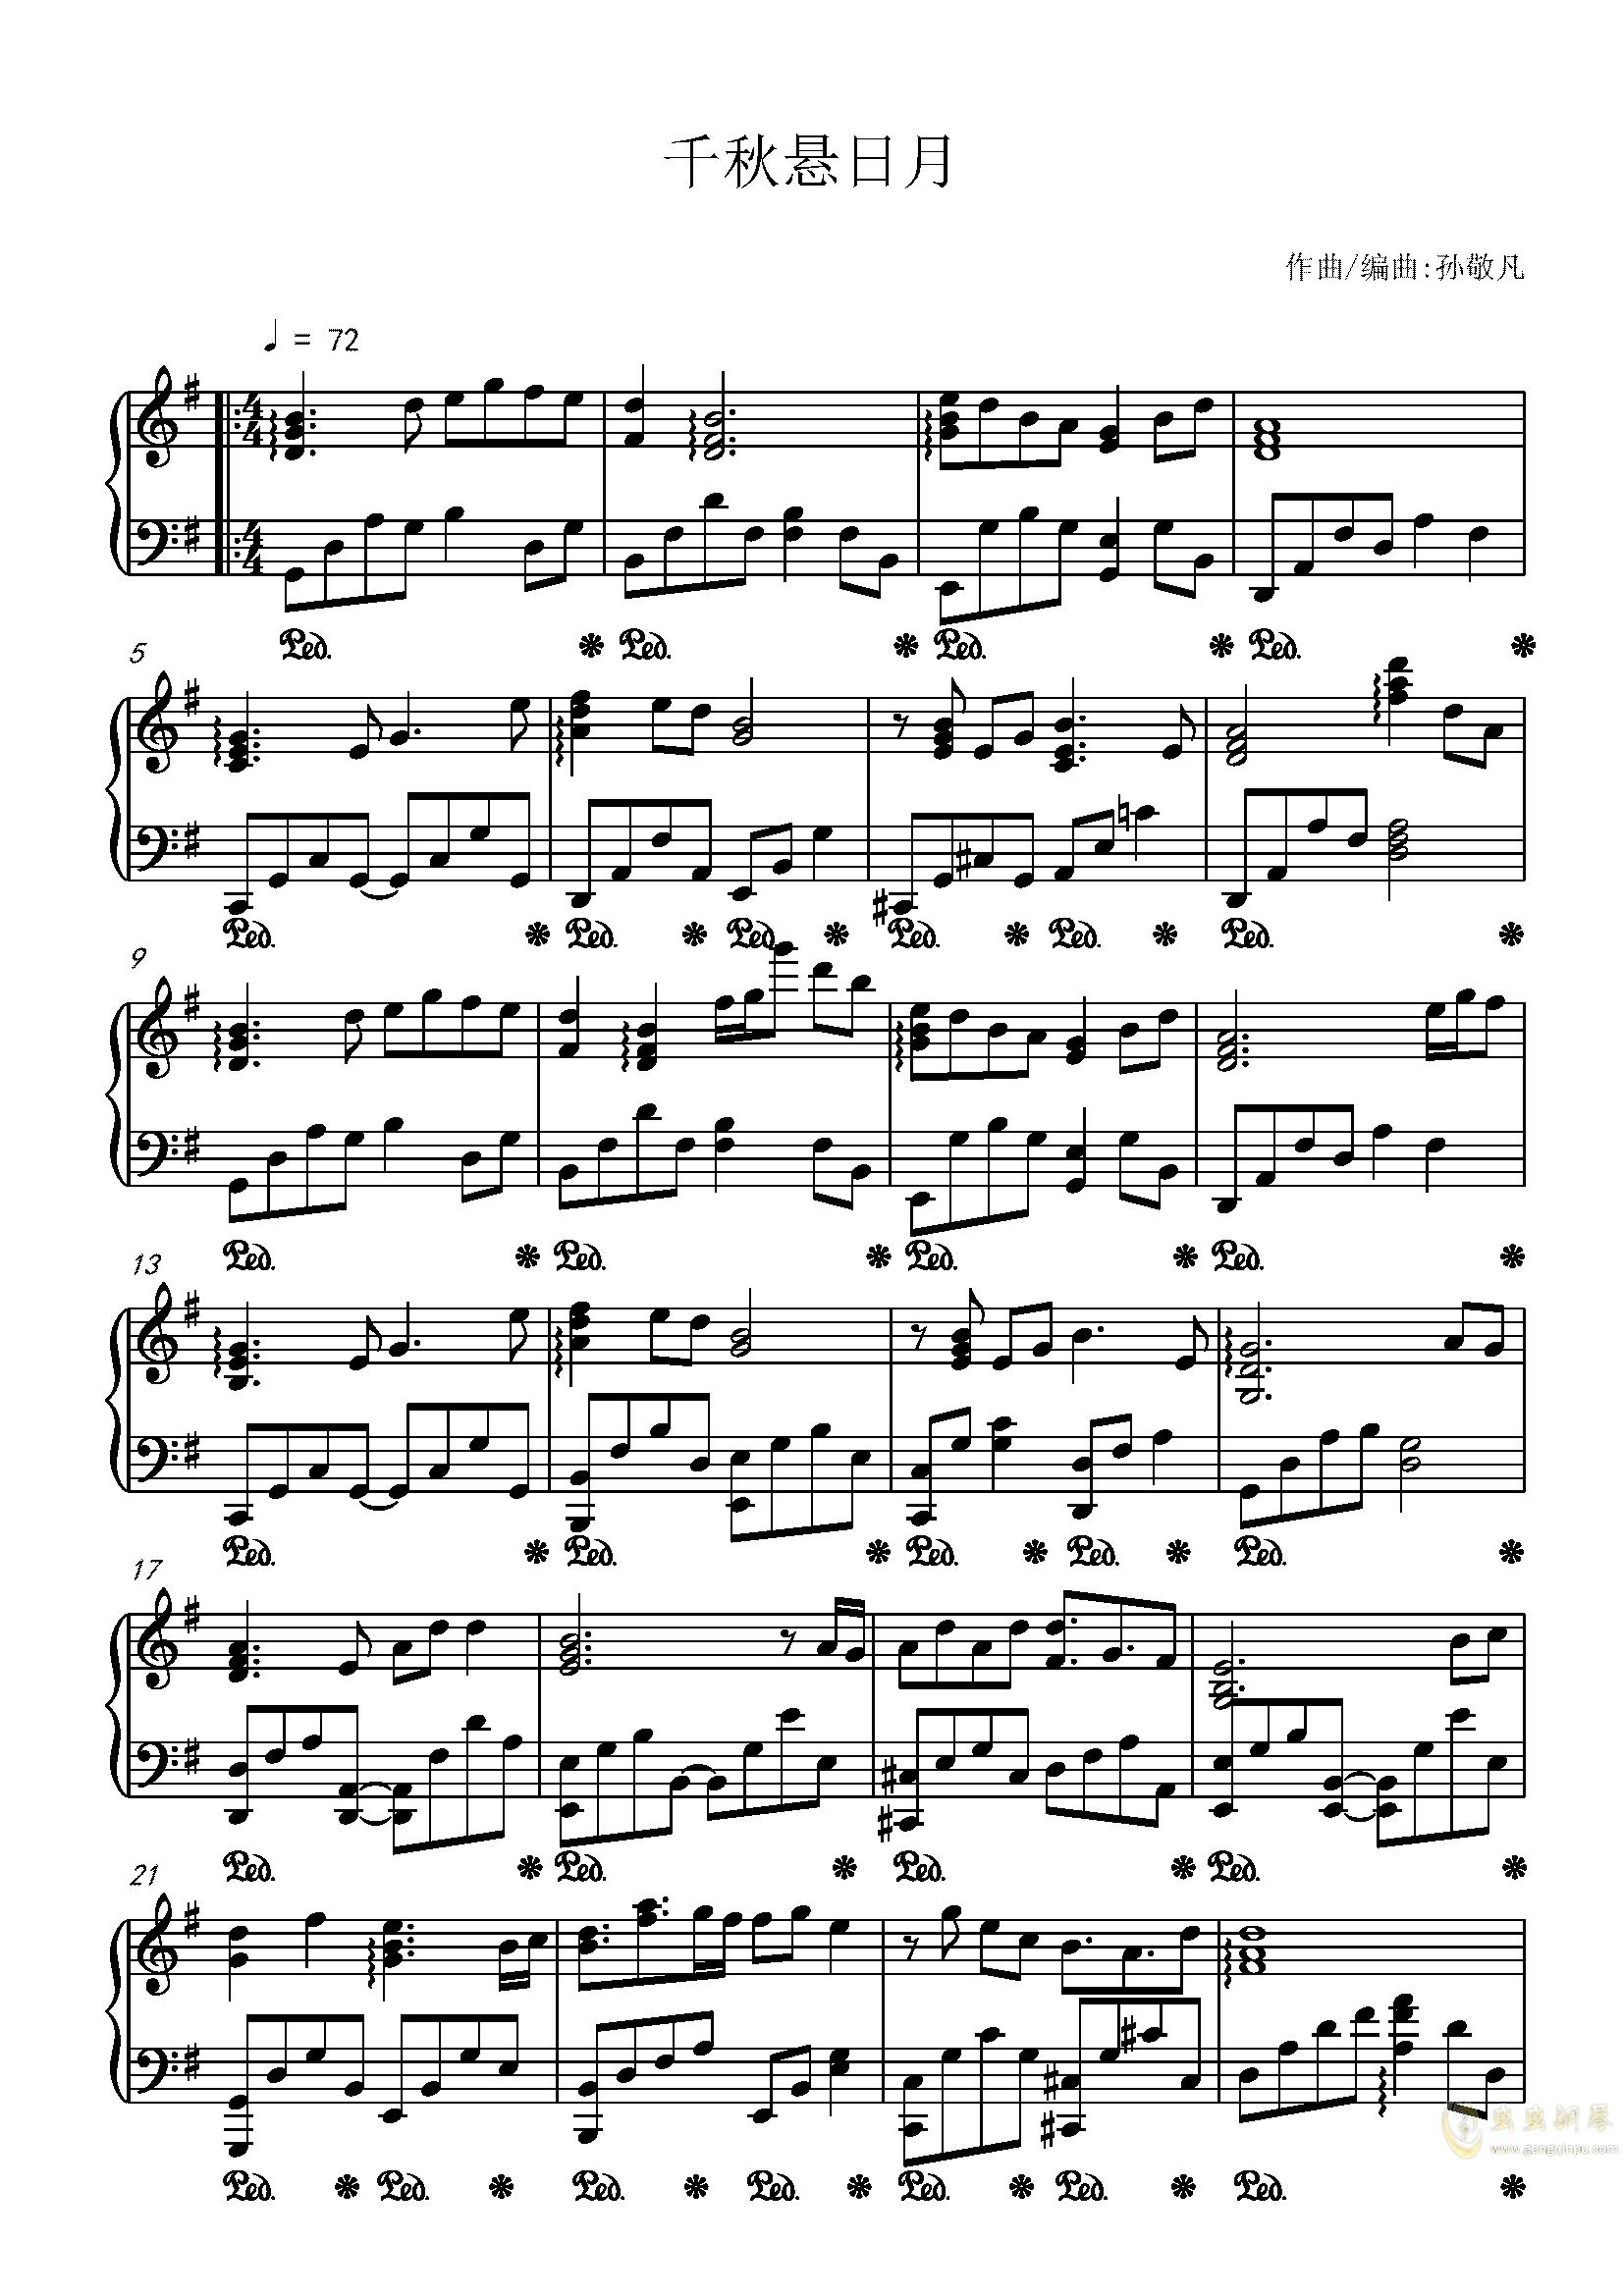 千秋悬日月钢琴谱 第1页